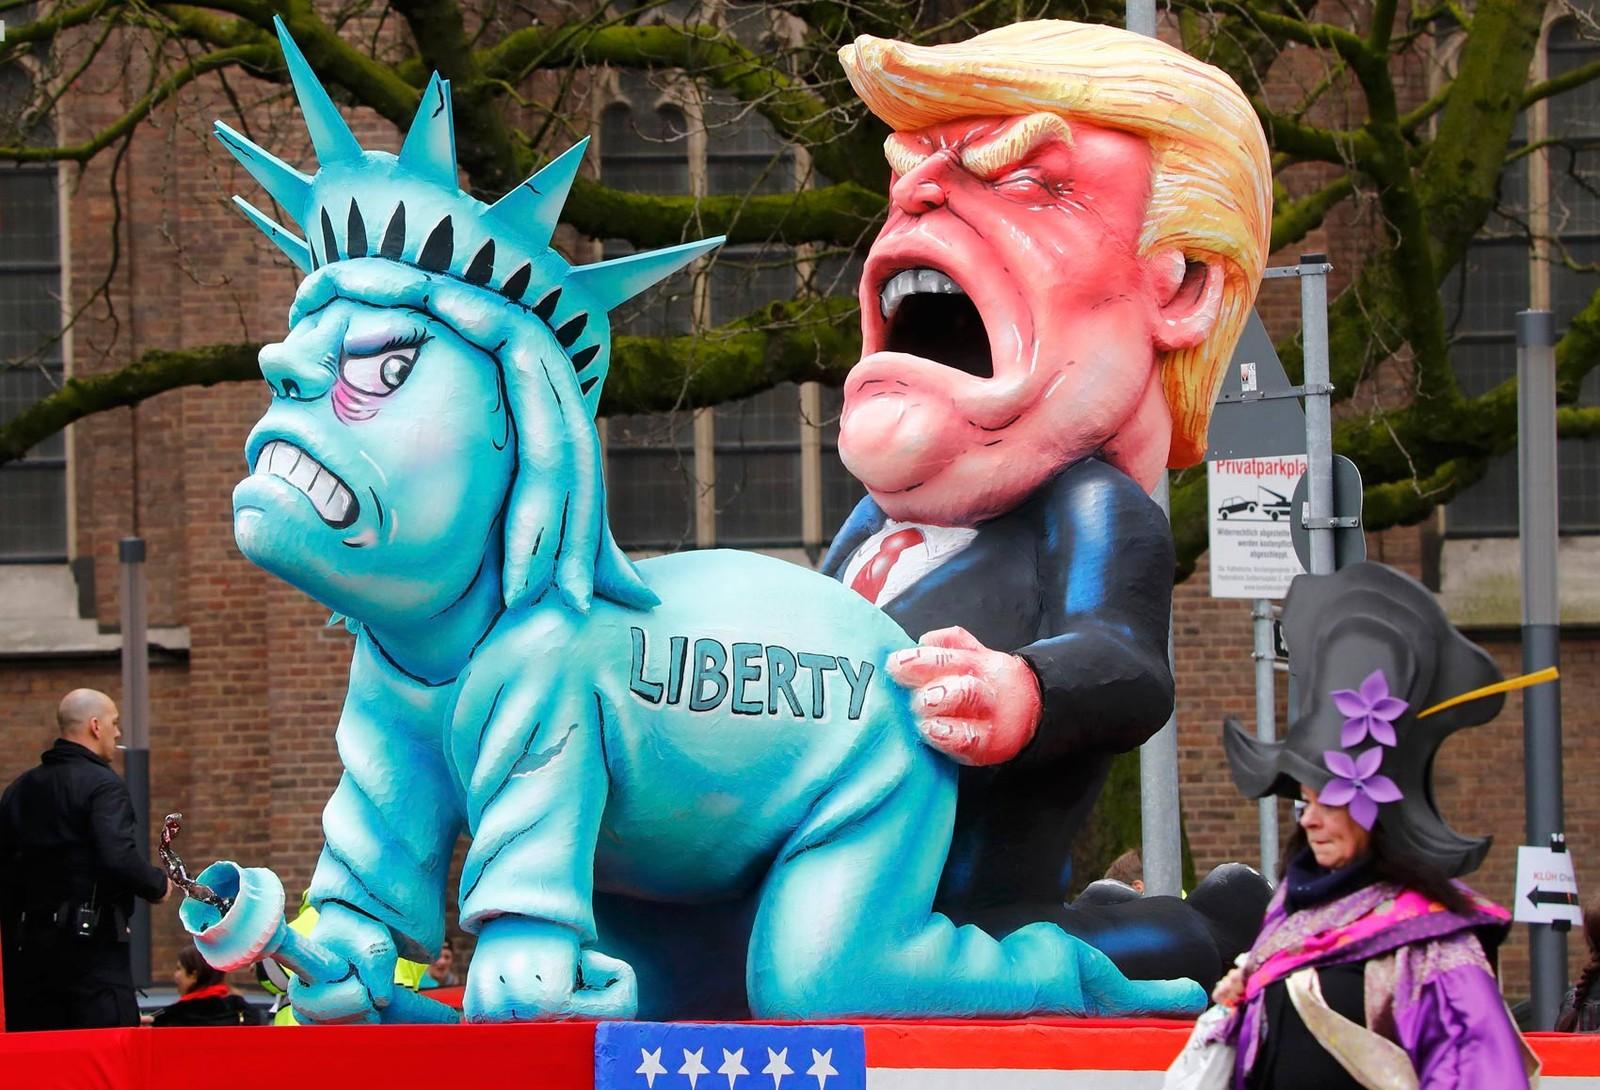 Desfile de carnaval na Alemanha satiriza Trump e primeira-ministra britânica